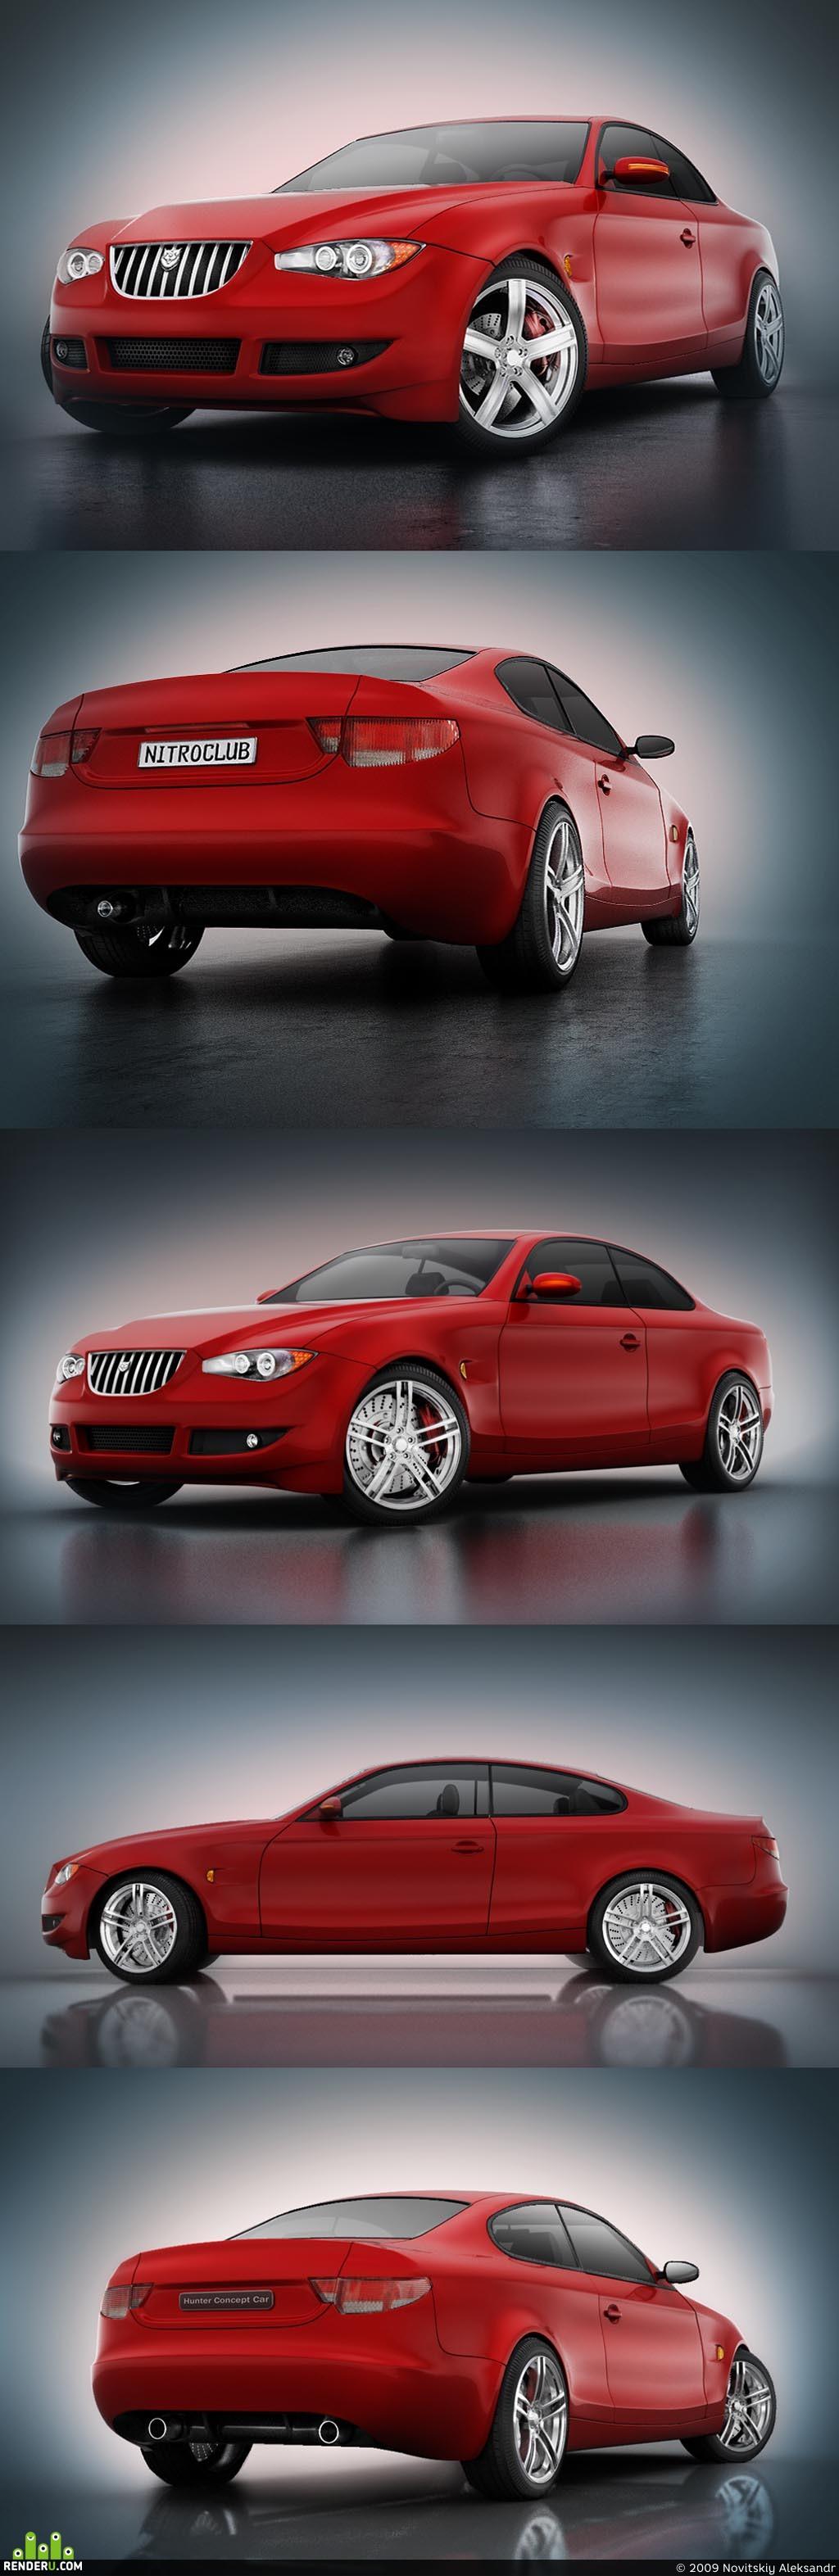 preview Hanter. European style Concept Car